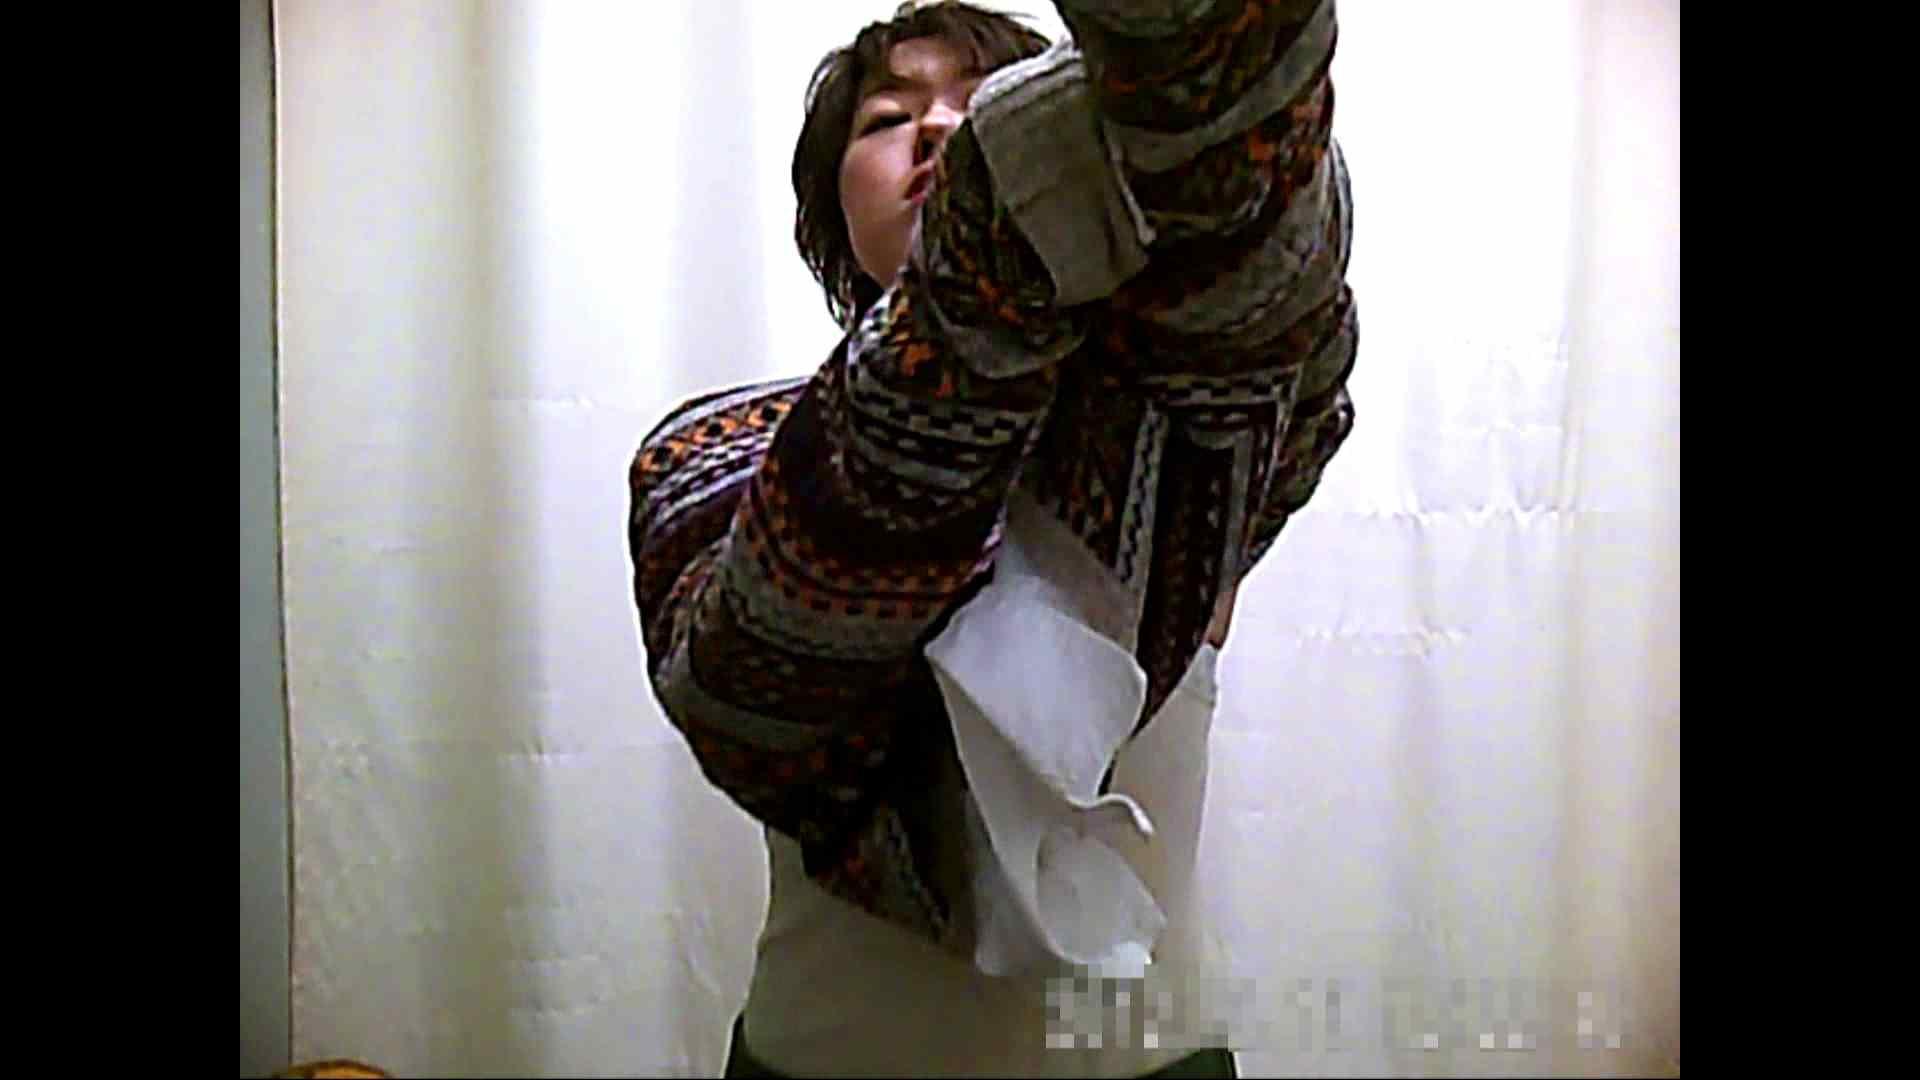 巨乳 乳首:元医者による反抗 更衣室地獄絵巻 vol.270:怪盗ジョーカー